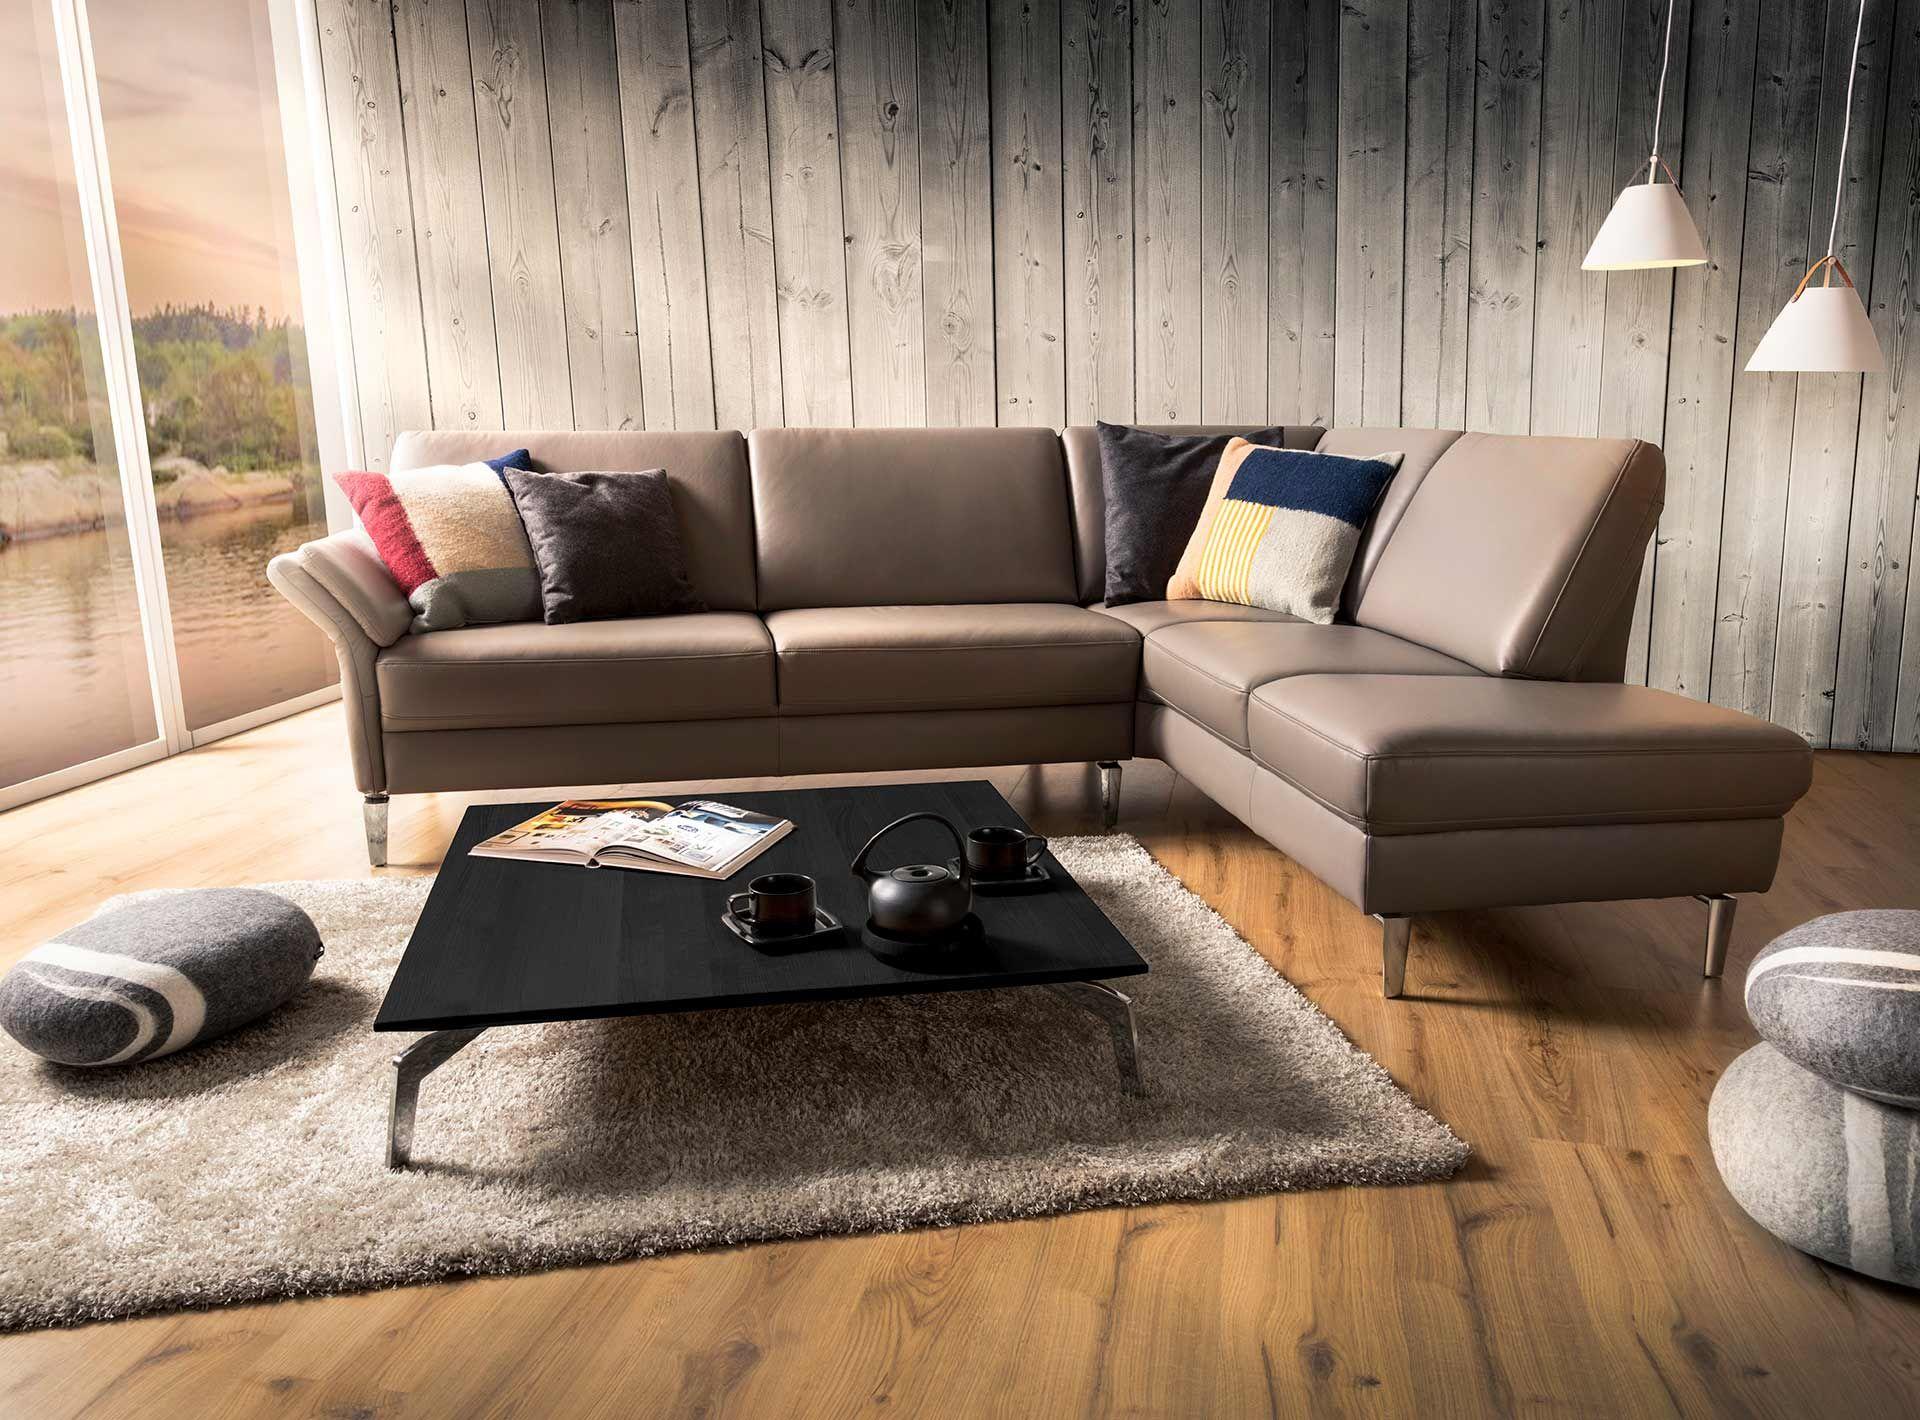 Bequeme Sofas Für Ein Modernes Wohnen Modernes Wohnen Wohnen Hochwertige Möbel